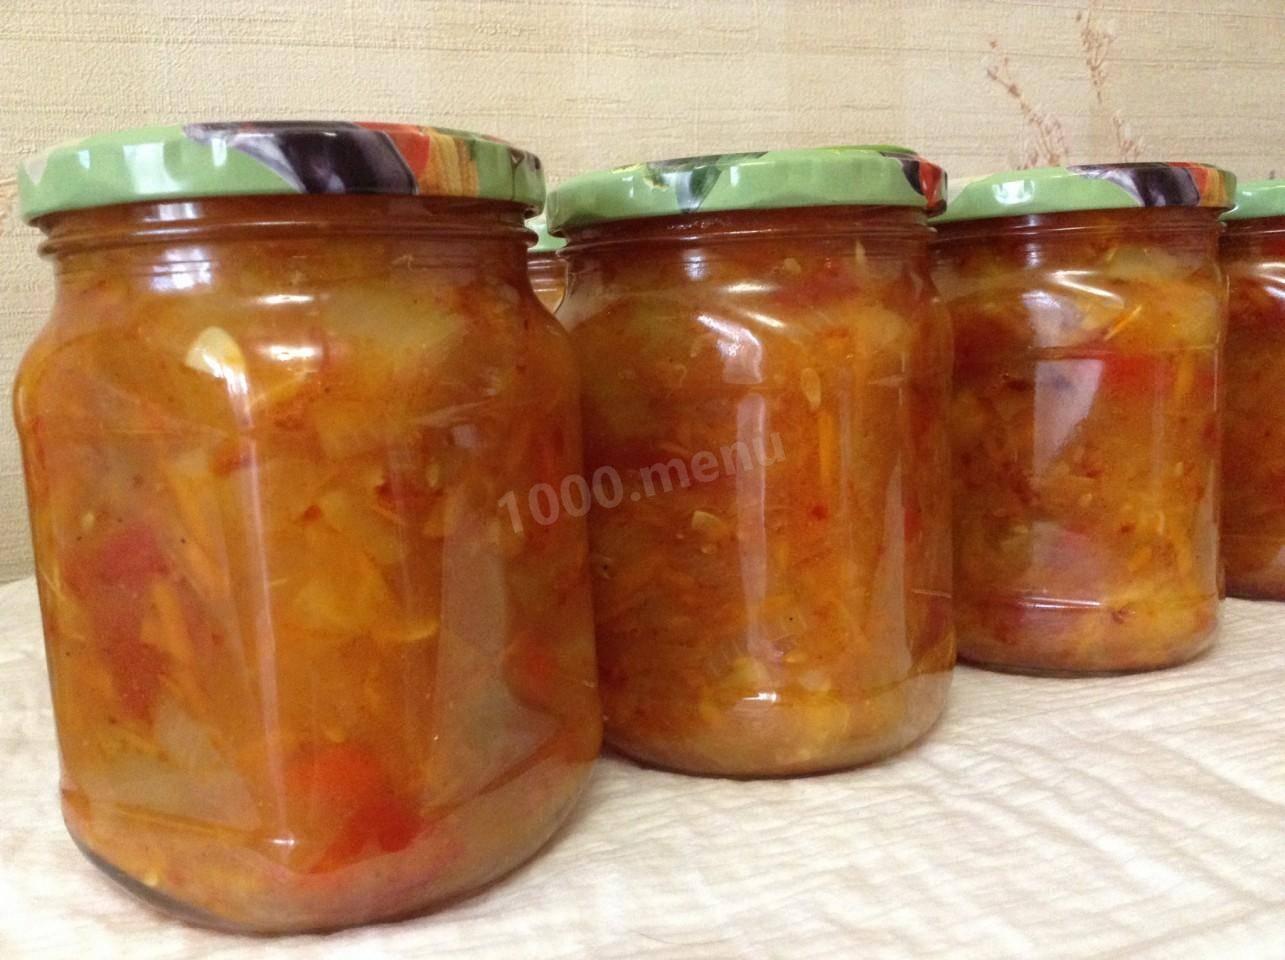 Рецепт приготовления на зиму салата анкл бенс из кабачков: пошаговое фото и видео-рецепт